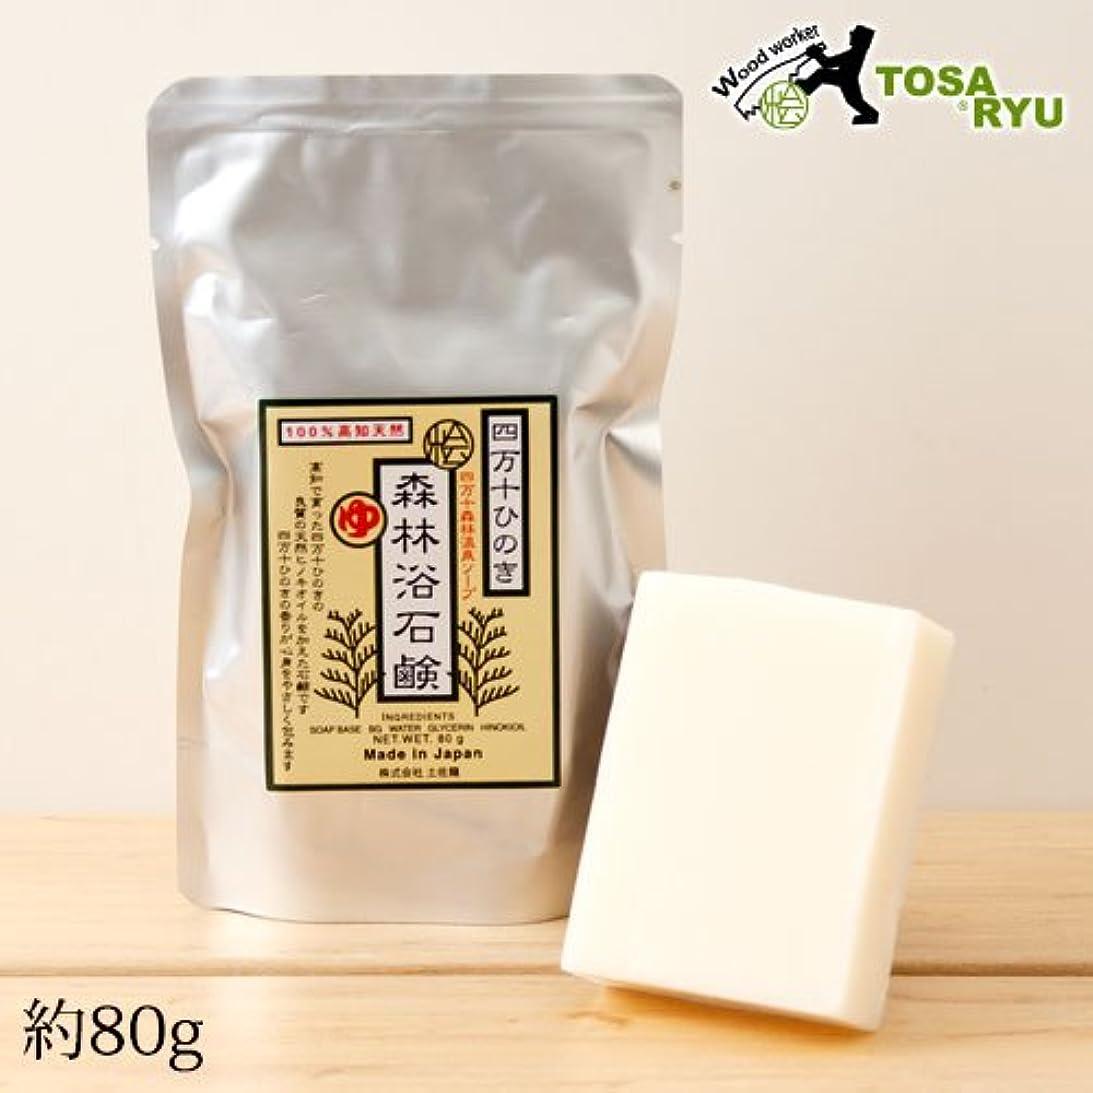 いう致死避けられない土佐龍四万十森林温泉石鹸ひのきの香りのアロマソープ高知県の工芸品Aroma soap scent of cypress, Kochi craft